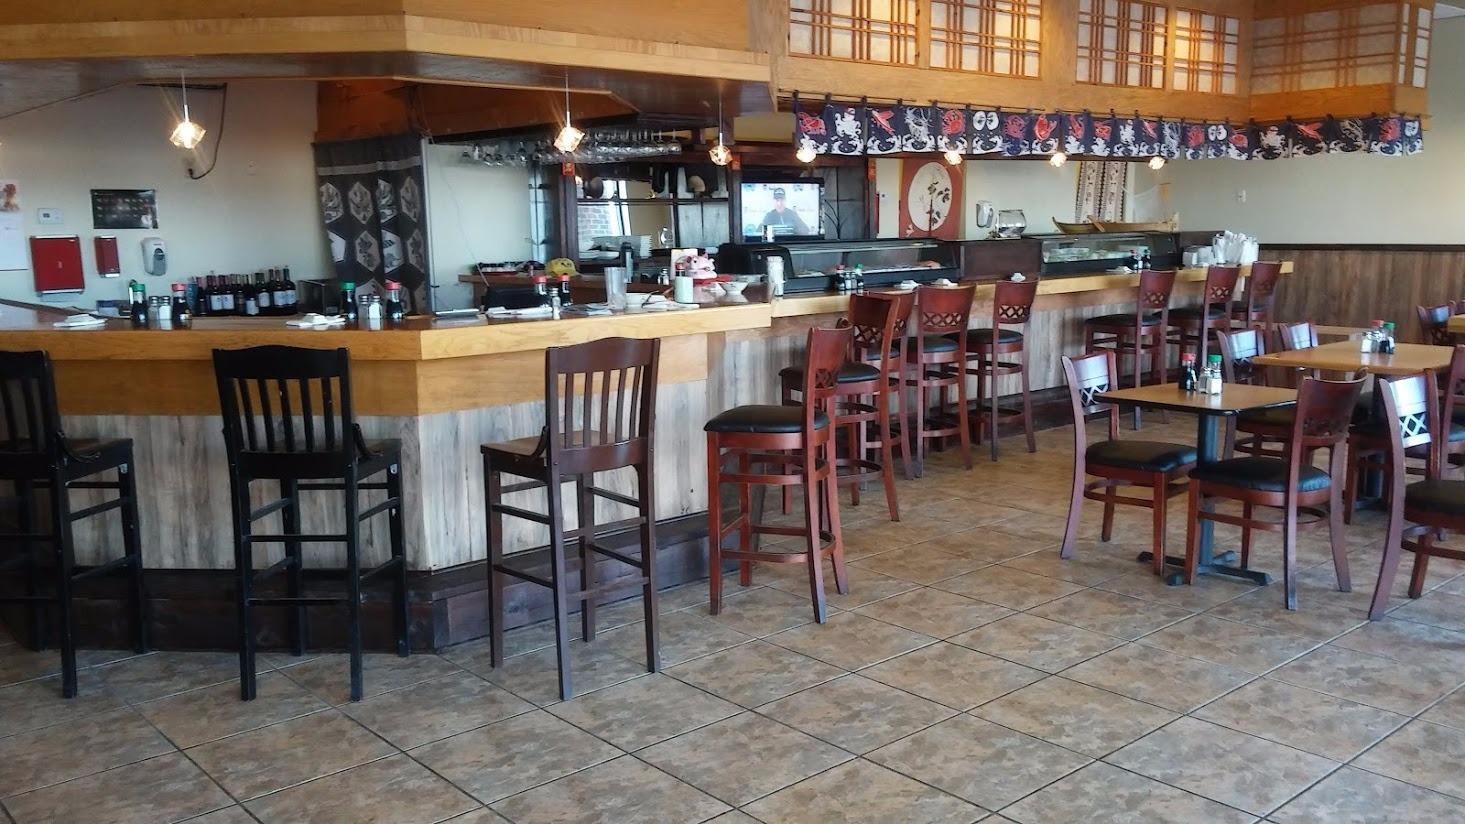 Kuma Japanese Restaurant Mcdonough Ga